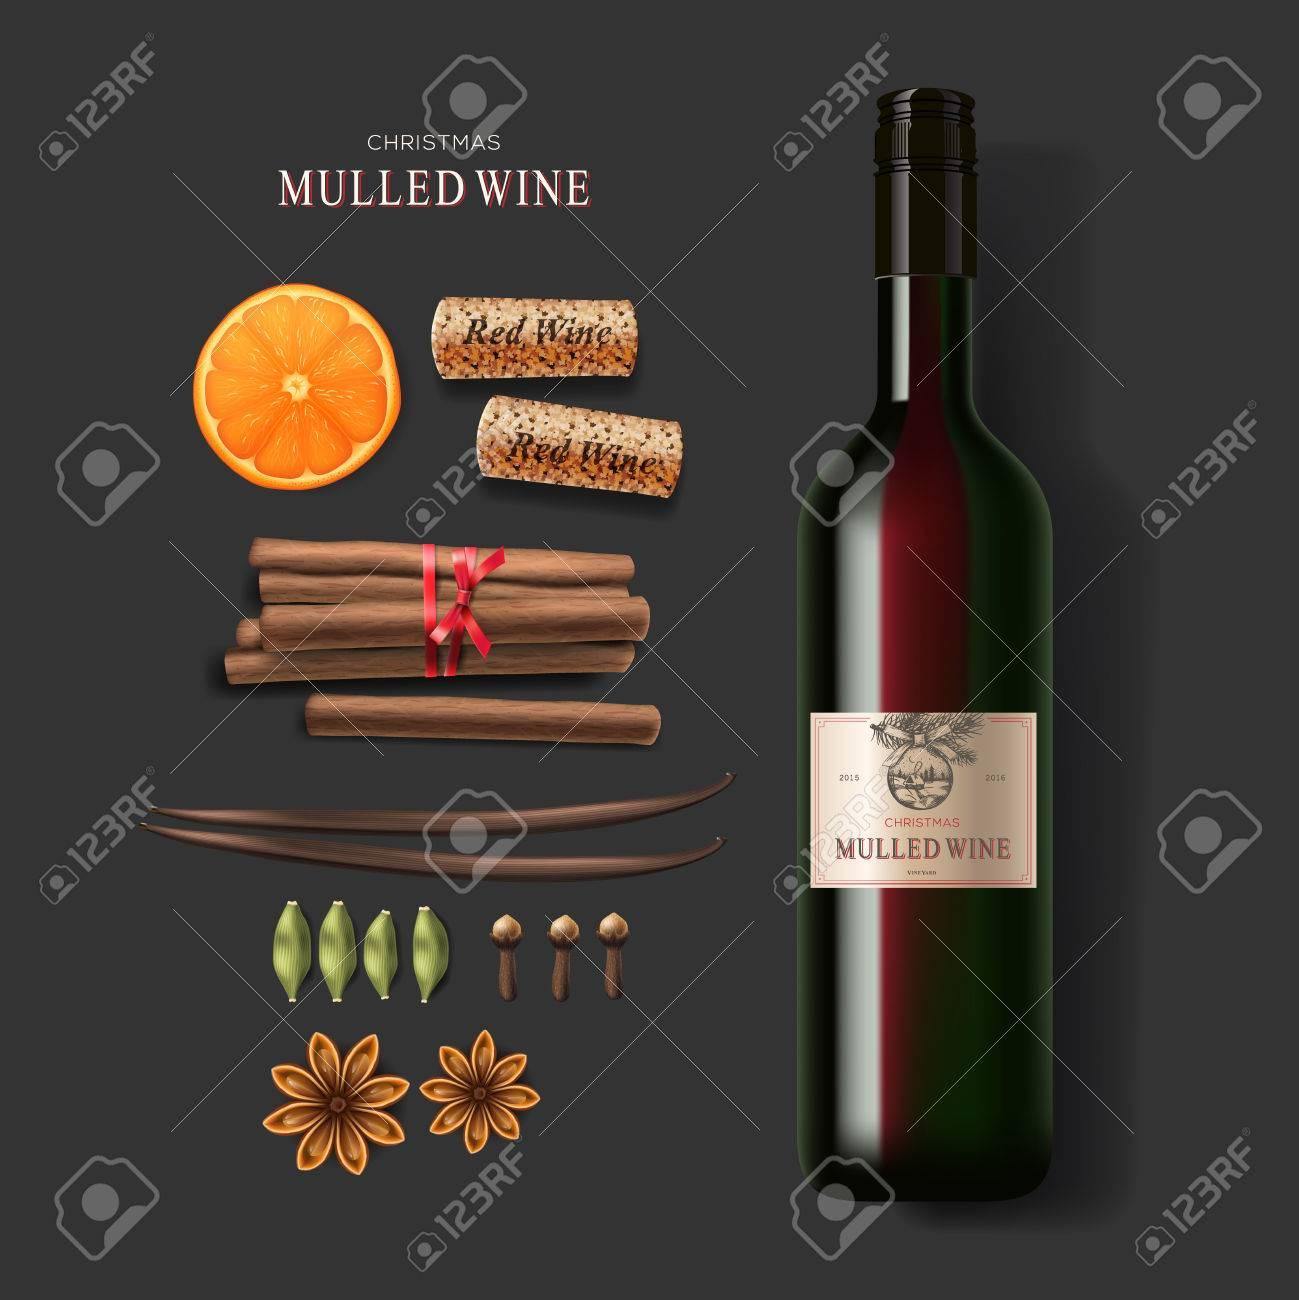 Weihnachtsgetränk Glühwein Flasche Wein und Zutaten Standard-Bild - 48425172